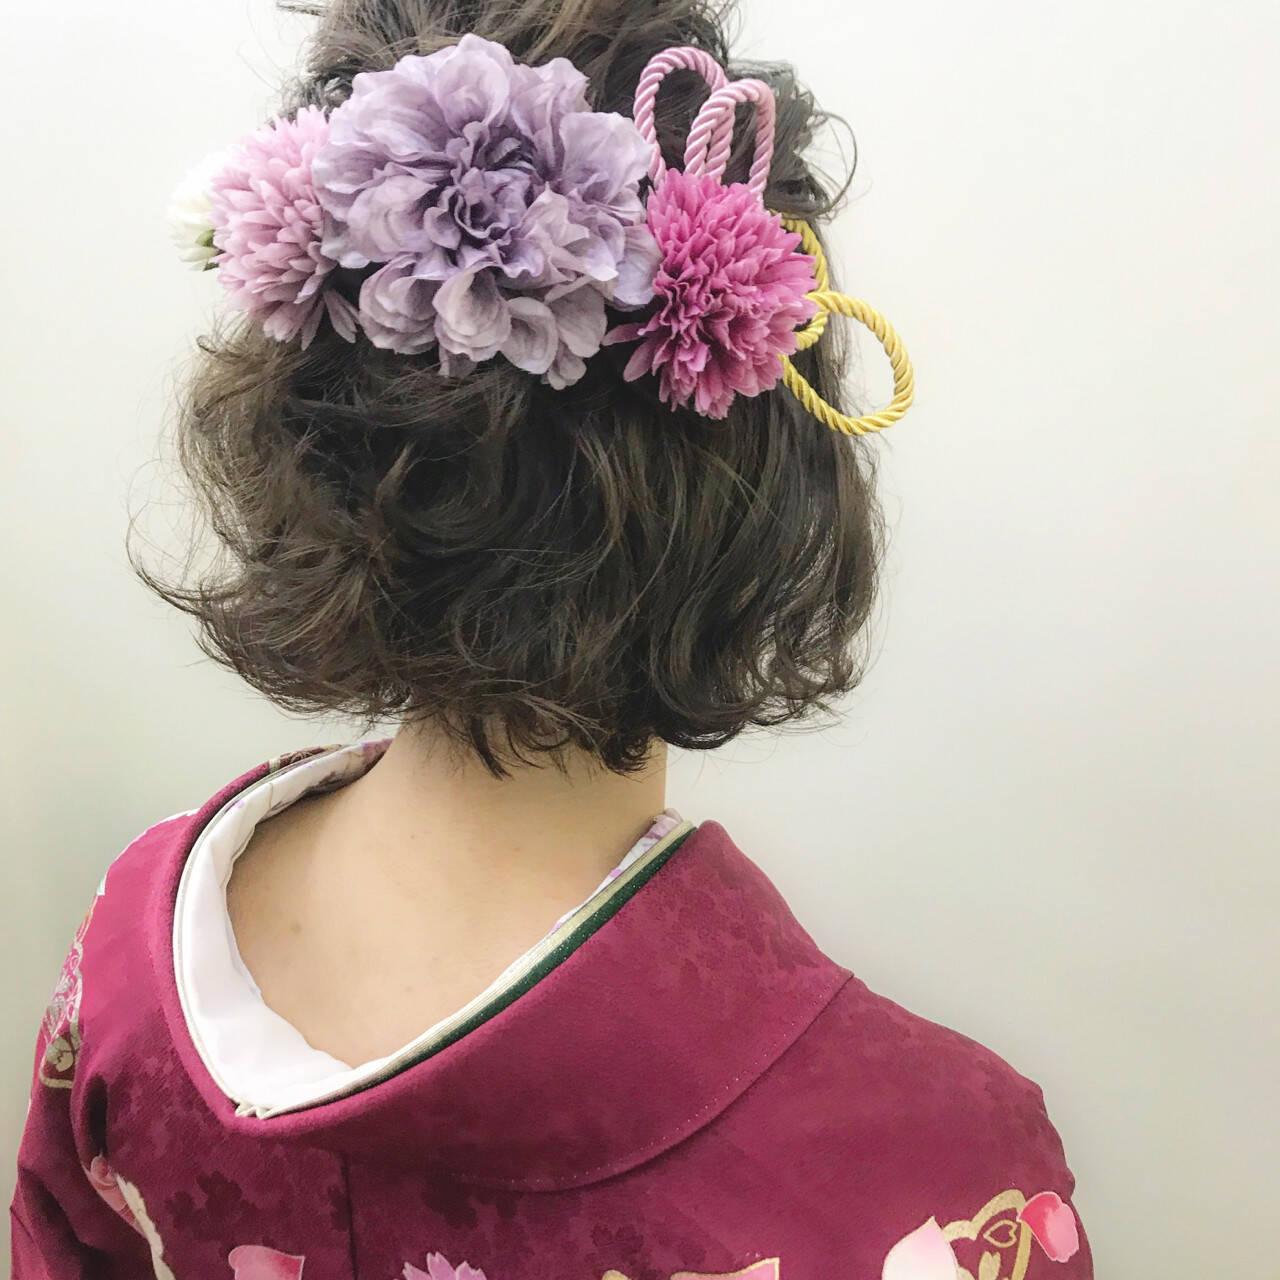 ヘアアレンジ 成人式 ナチュラル ボブヘアスタイルや髪型の写真・画像